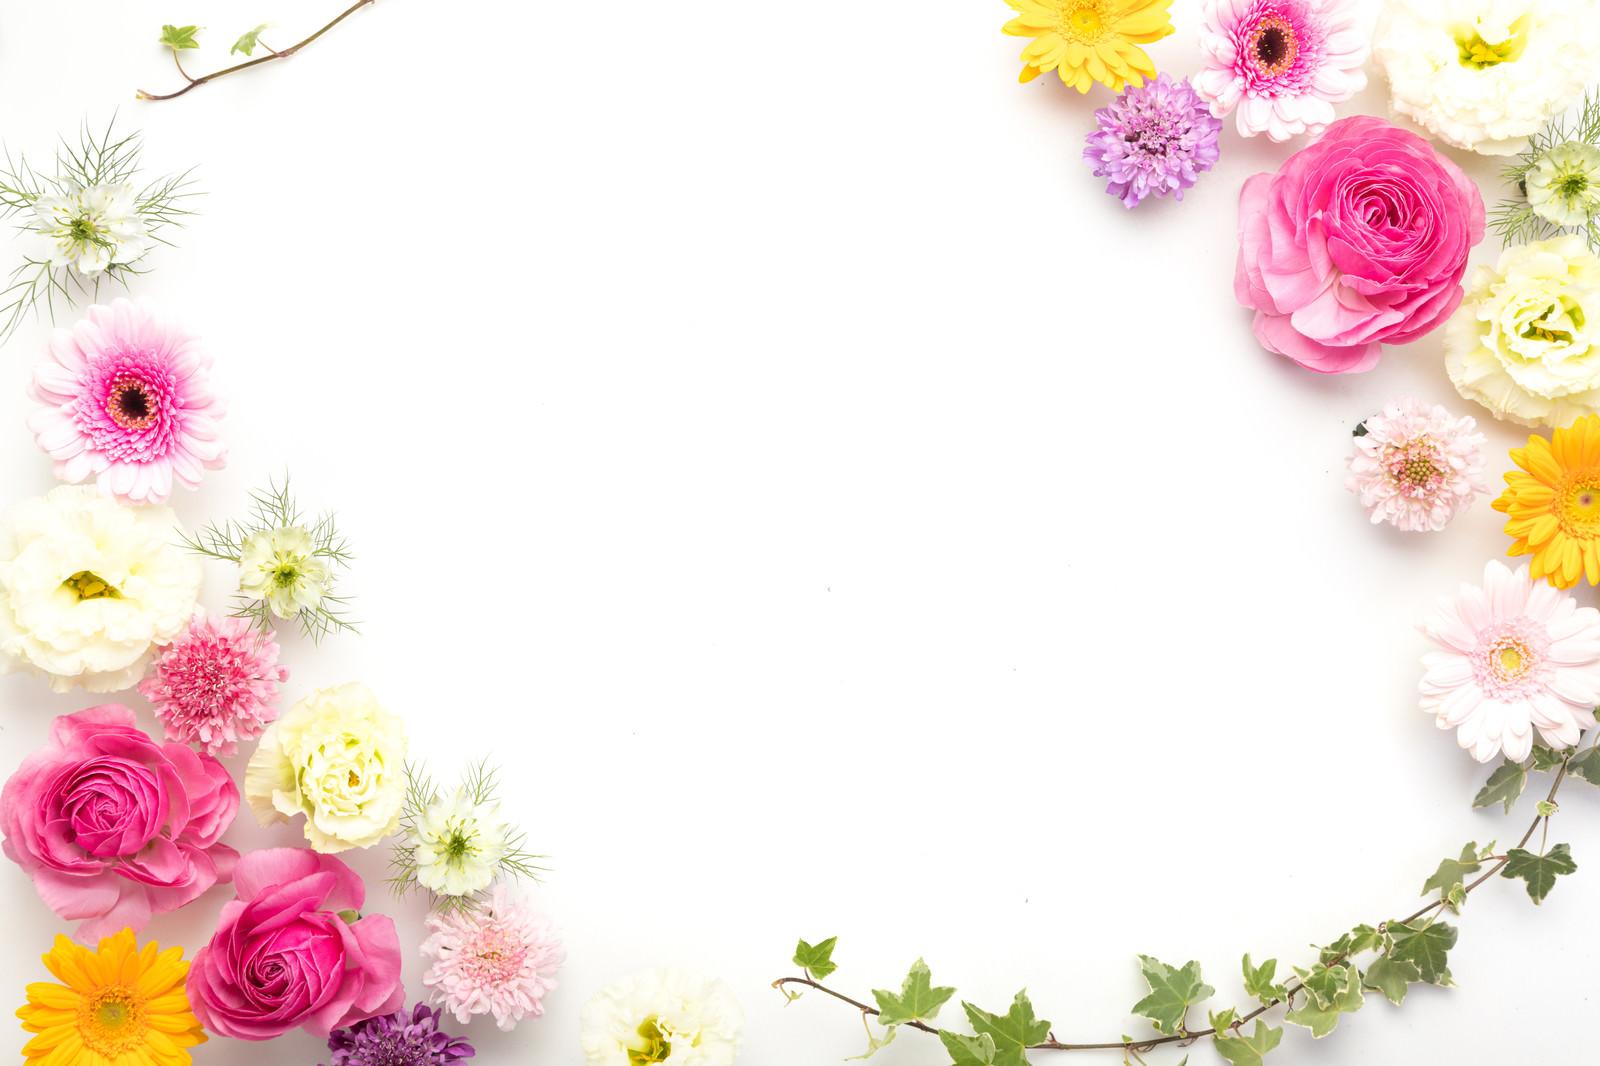 「カラフルな花で彩られたフレーム」の写真